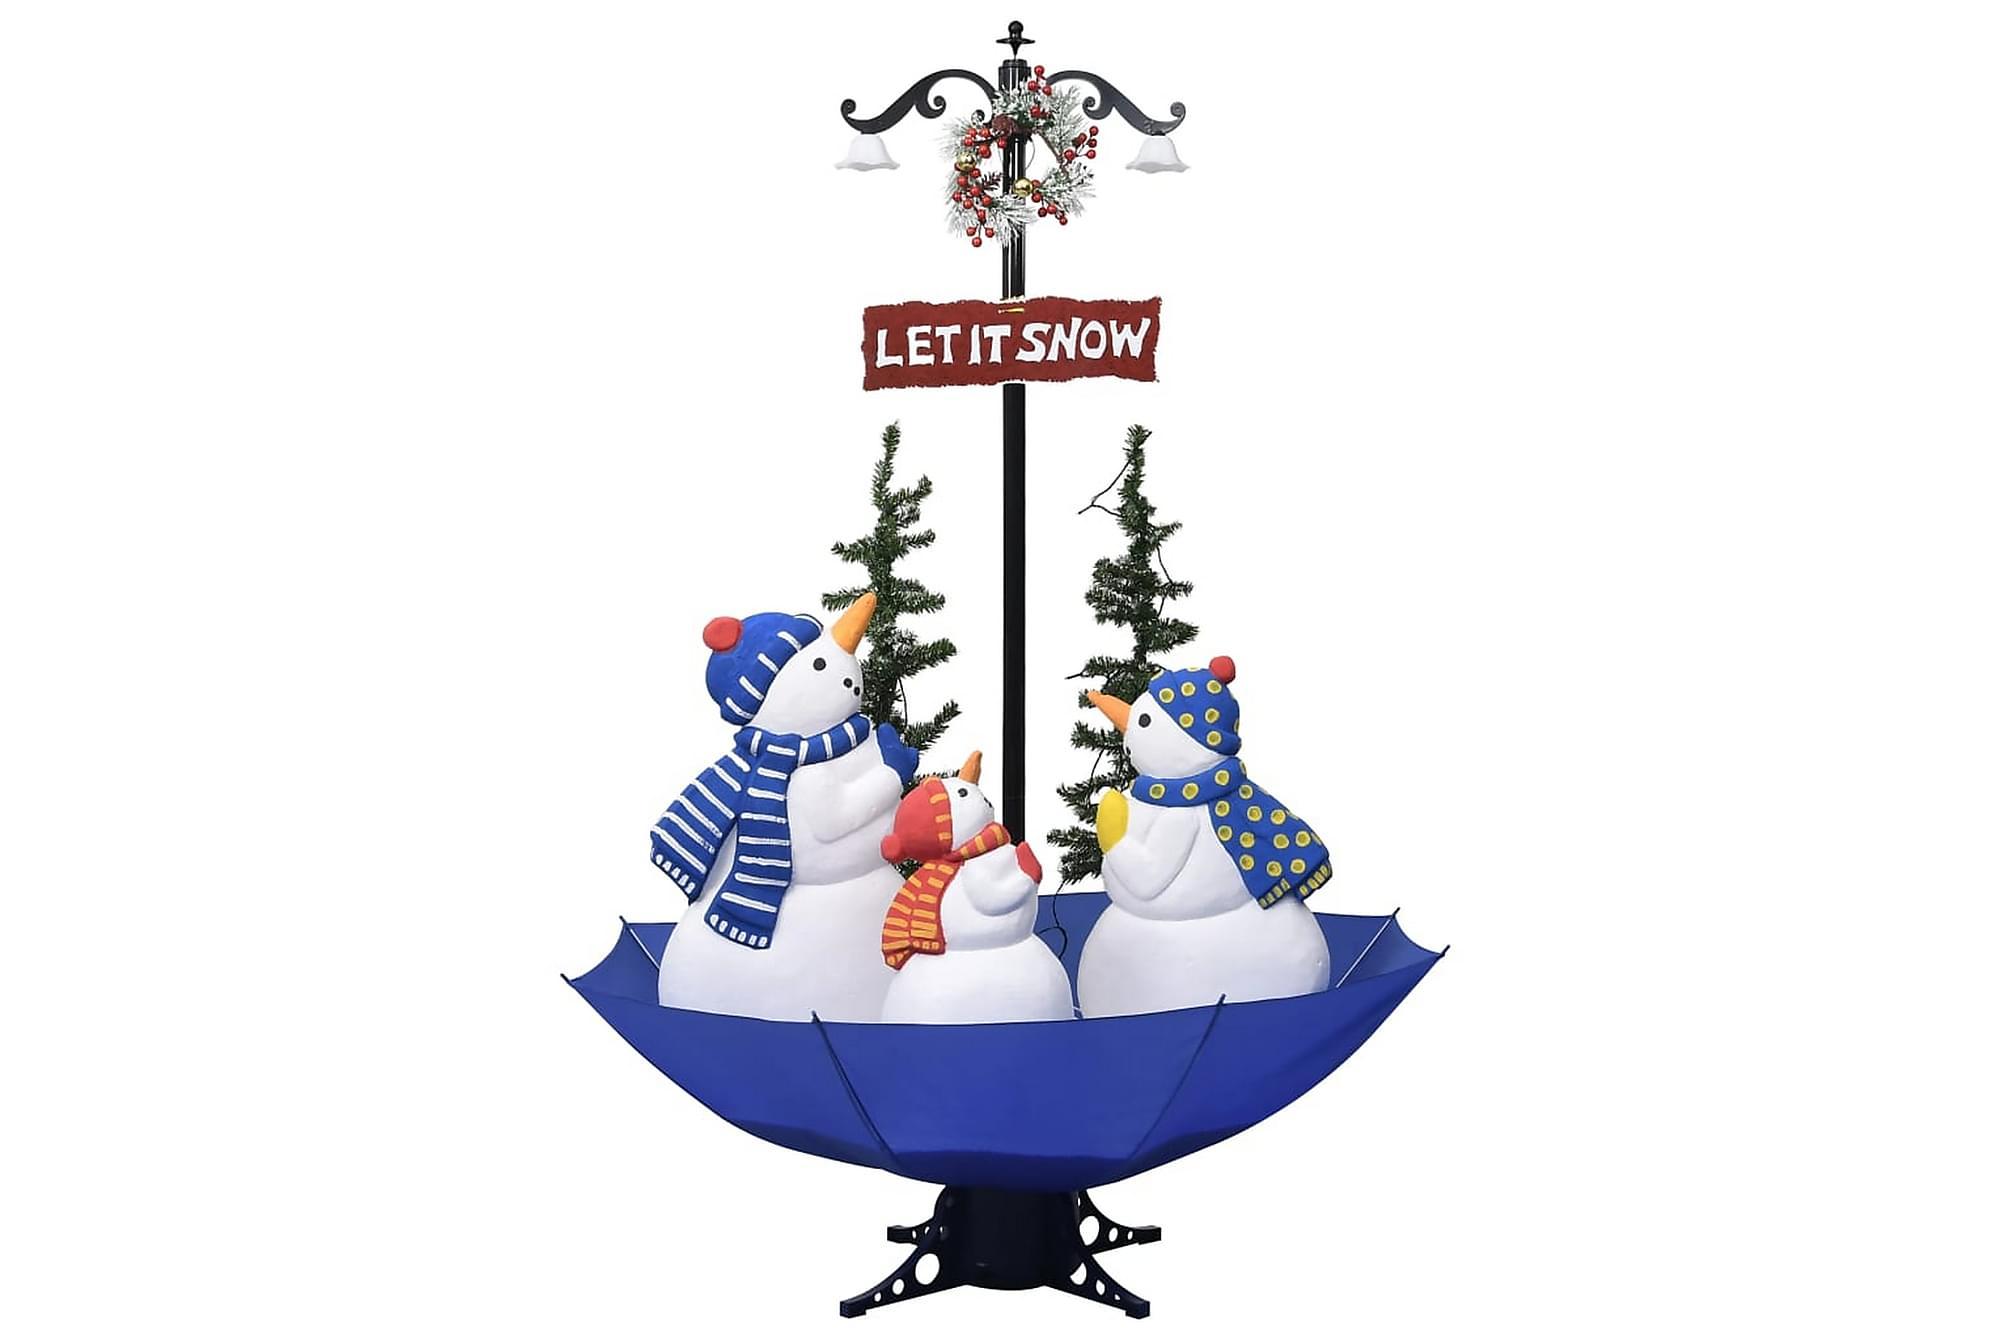 Julgran med snö och paraplybas blå 170 cm PVC, Julpynt & juldekoration